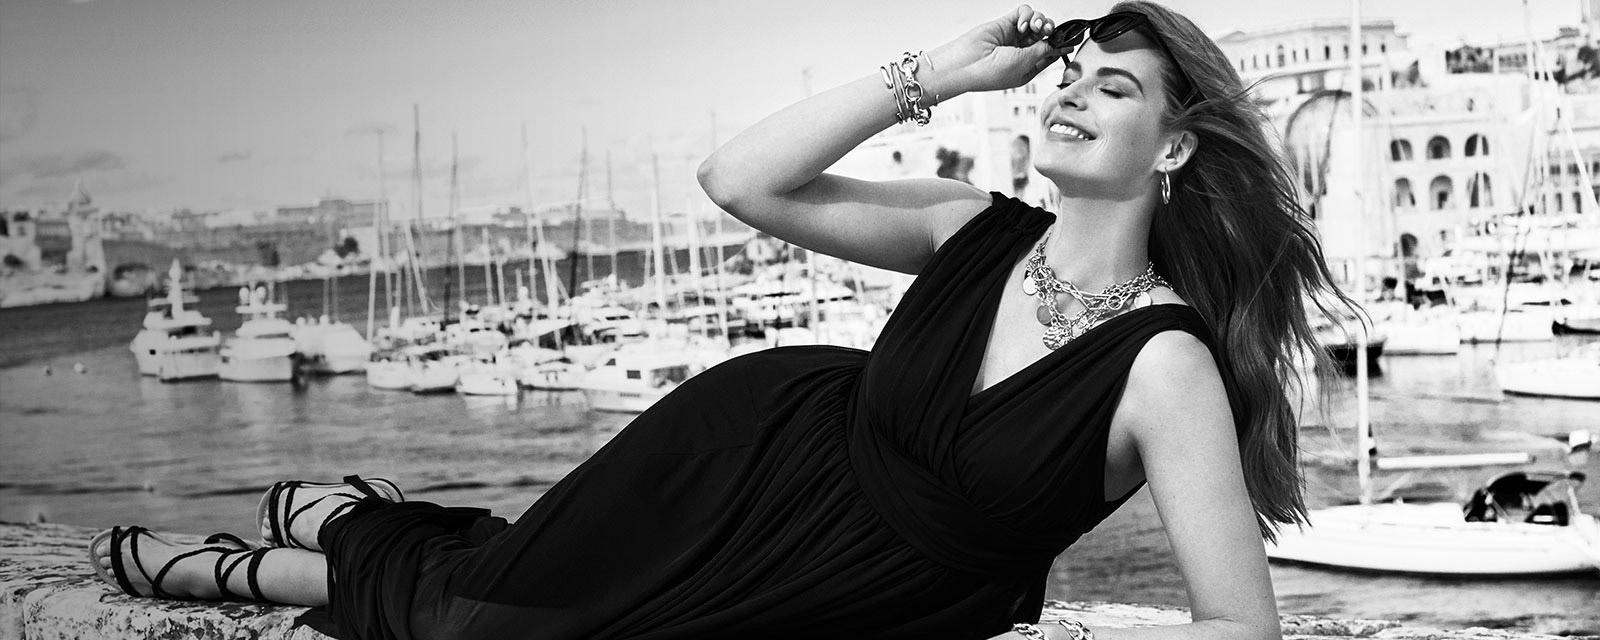 Fiorella Rubino - #Livefree